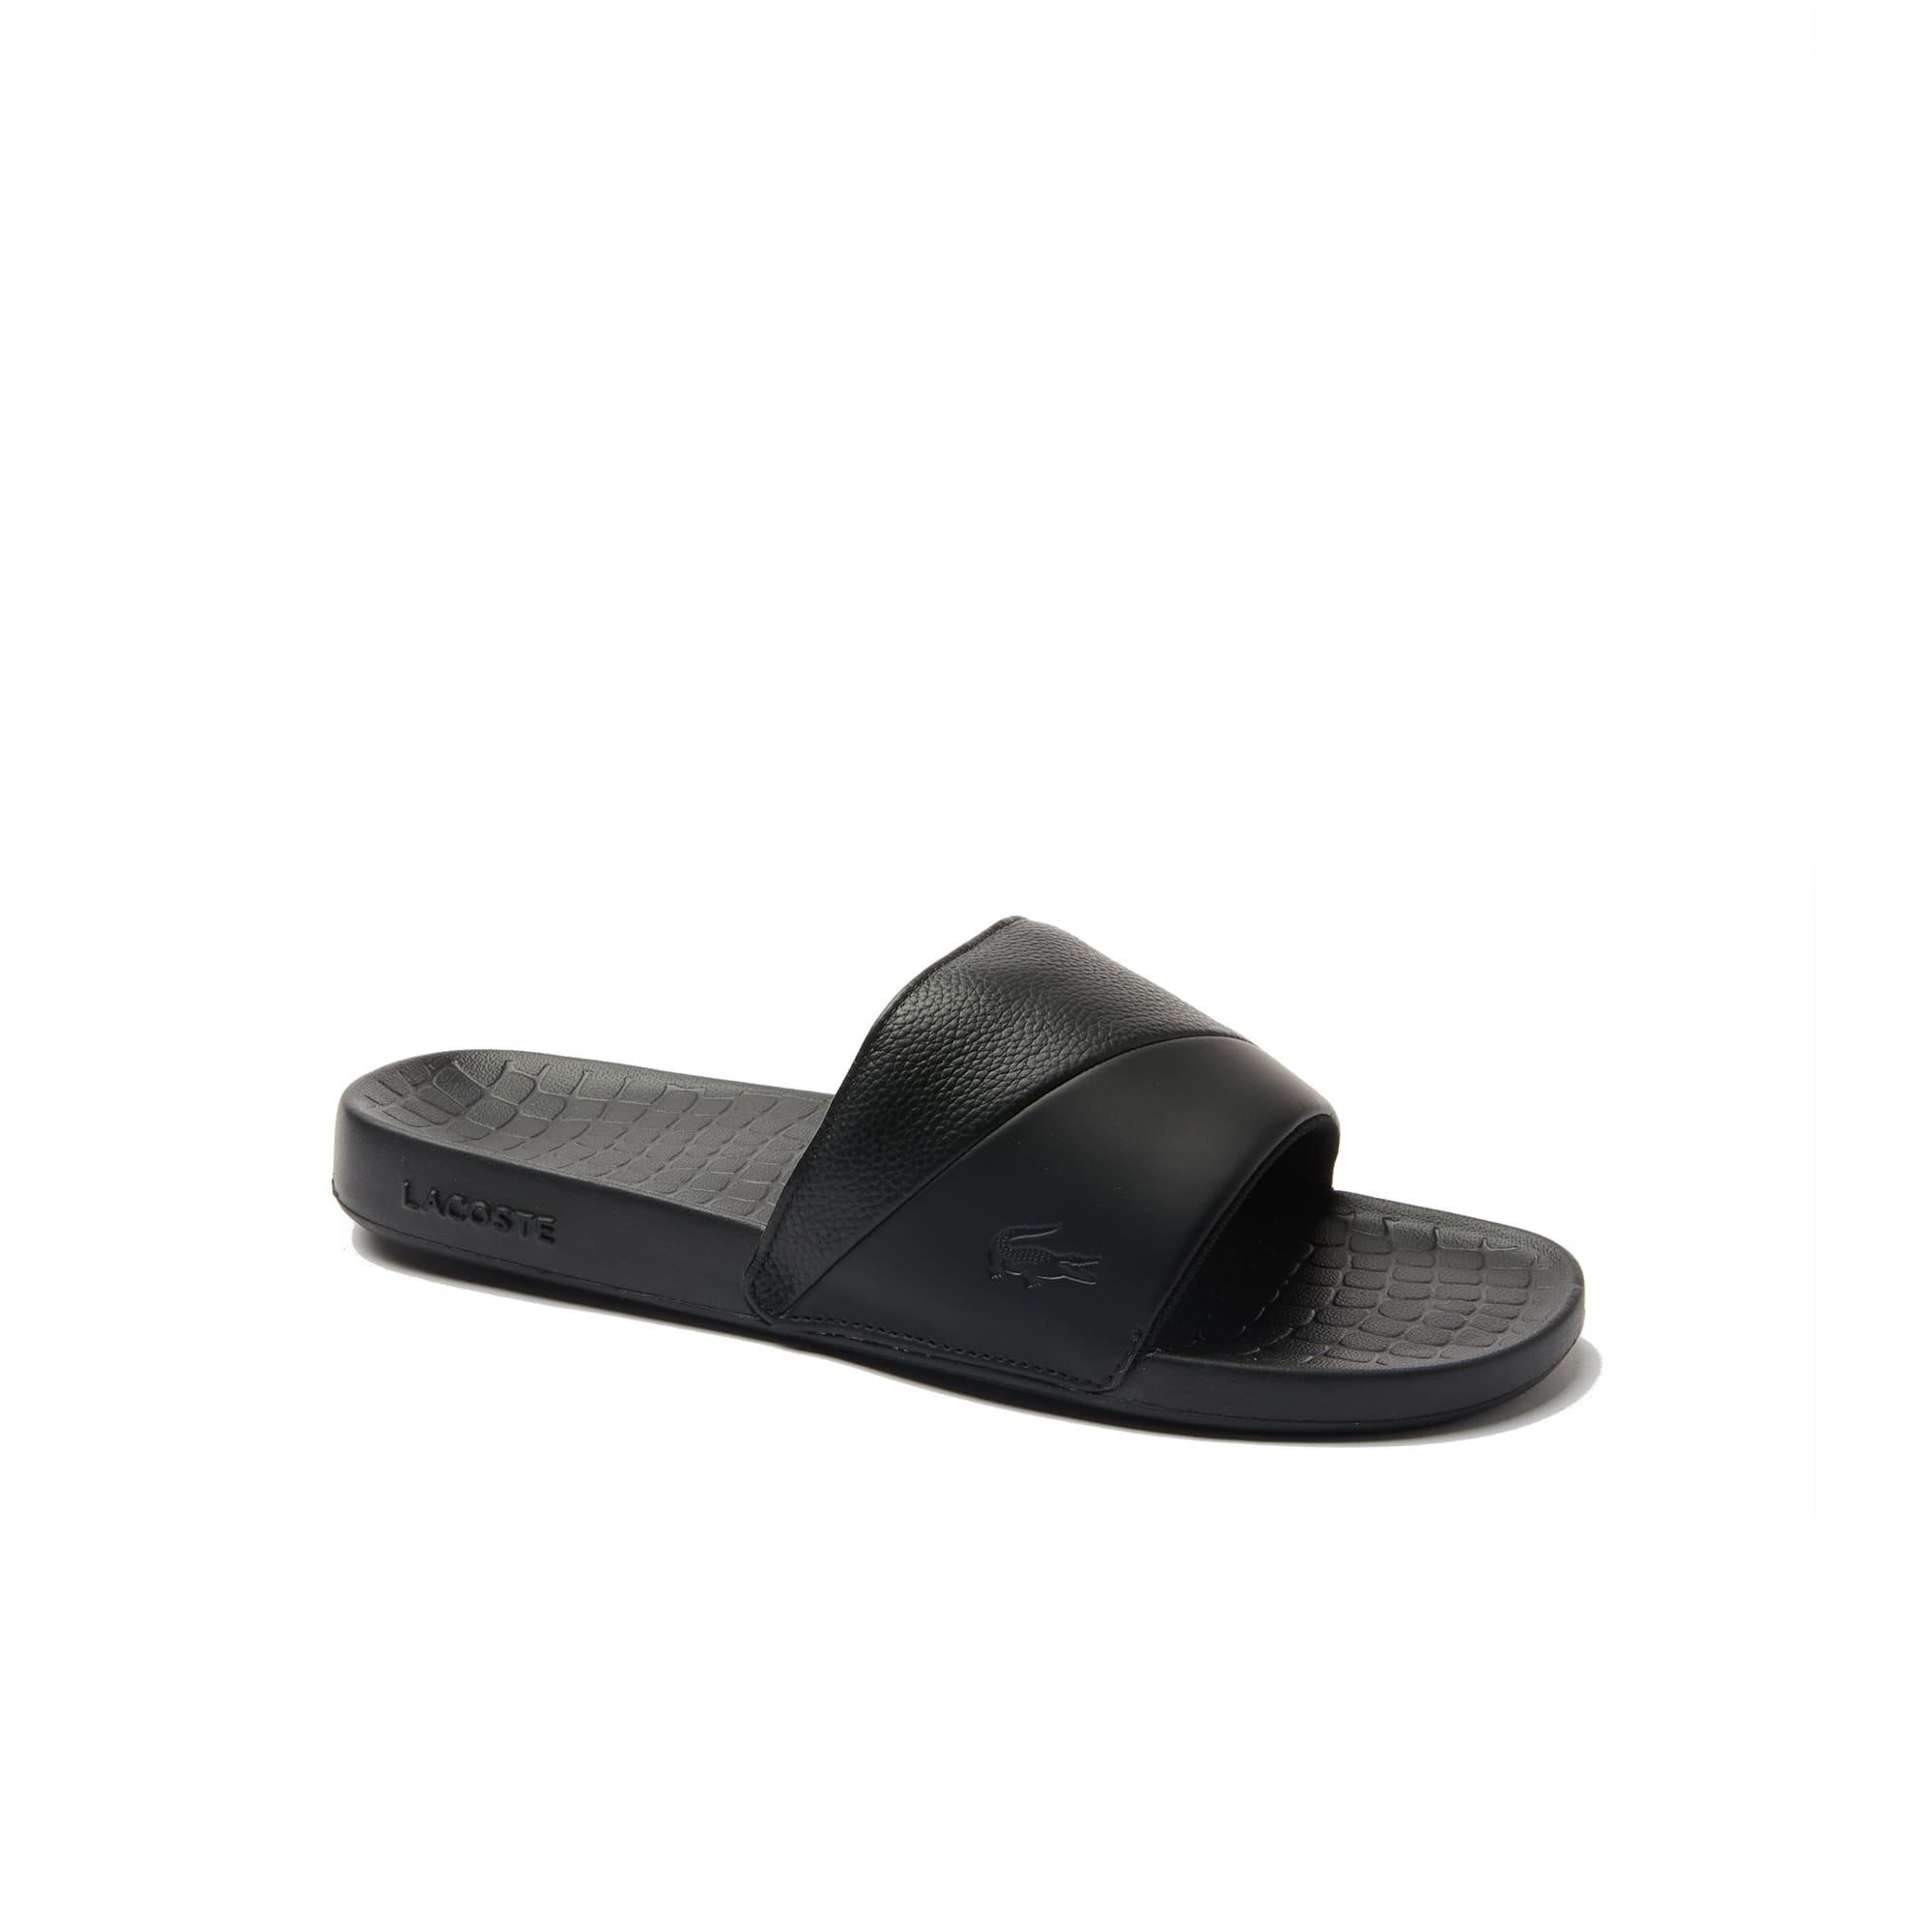 라코스테 Lacoste Men's Fraisier Leather Suede Slides,blk/blk